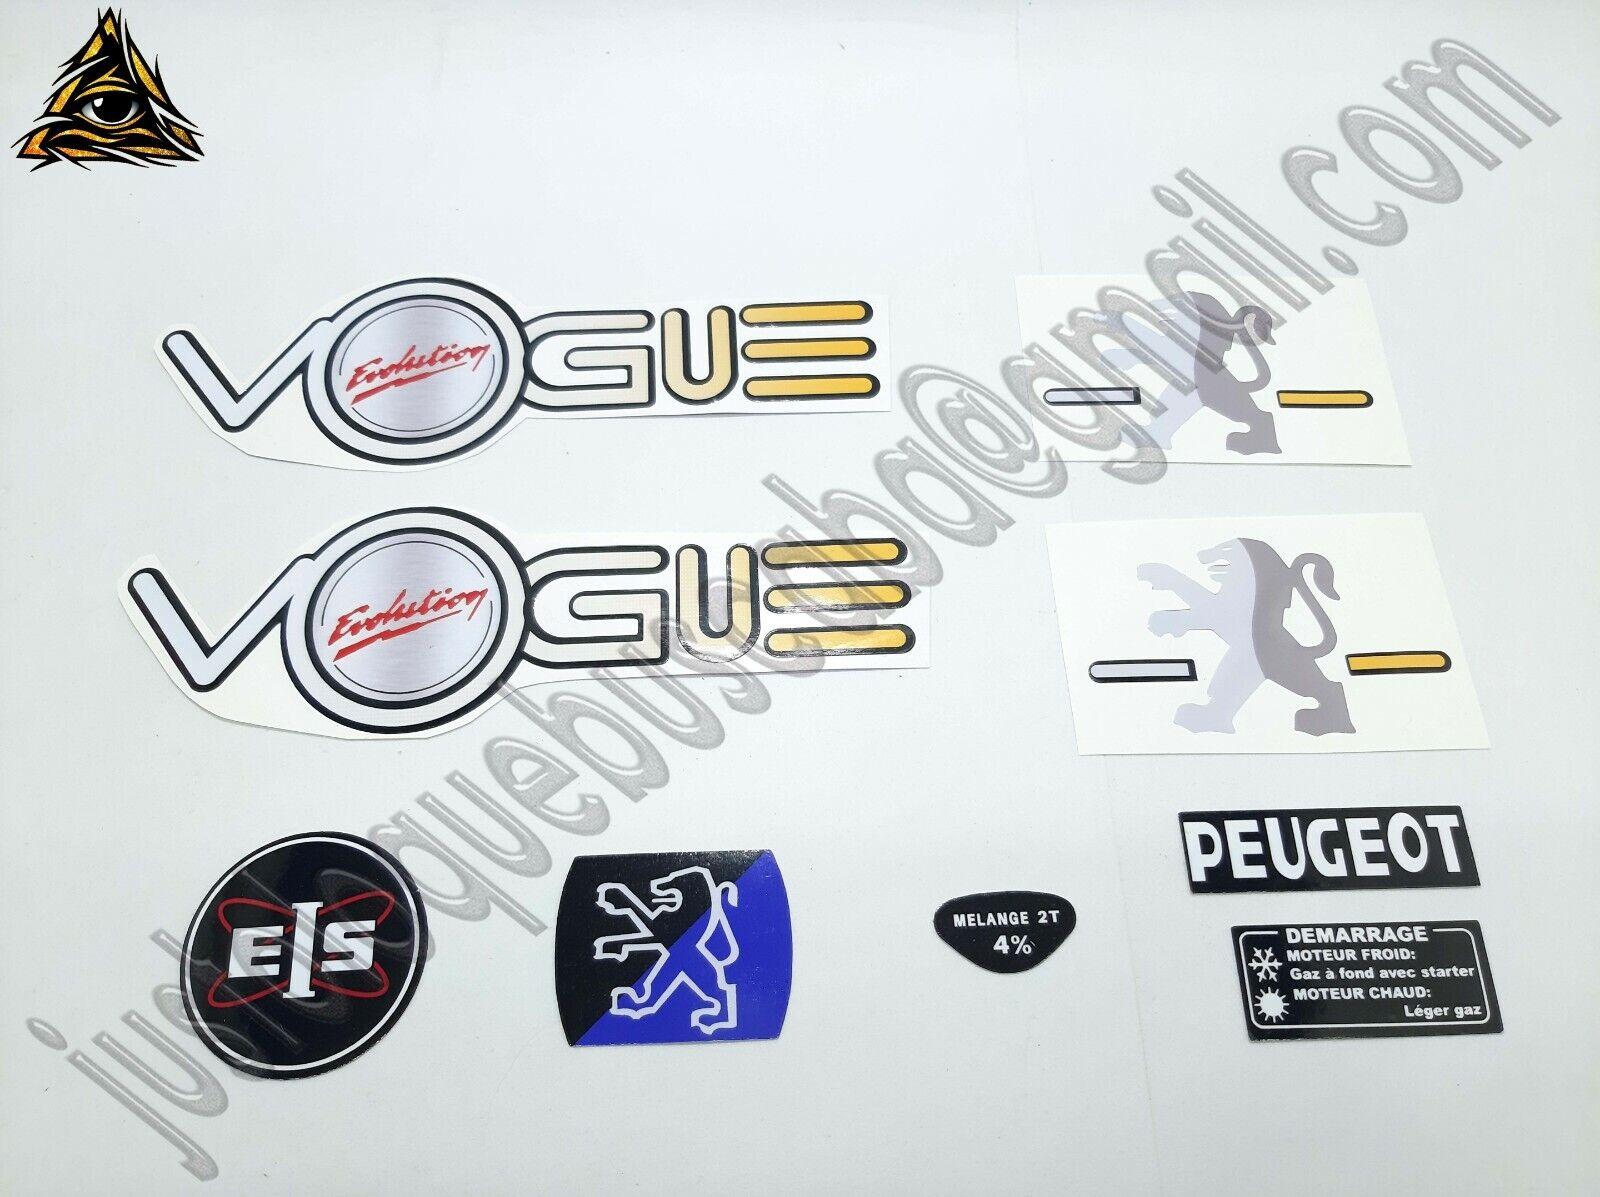 Autocollant mobylette Peugeot 103 Vogue Evolution